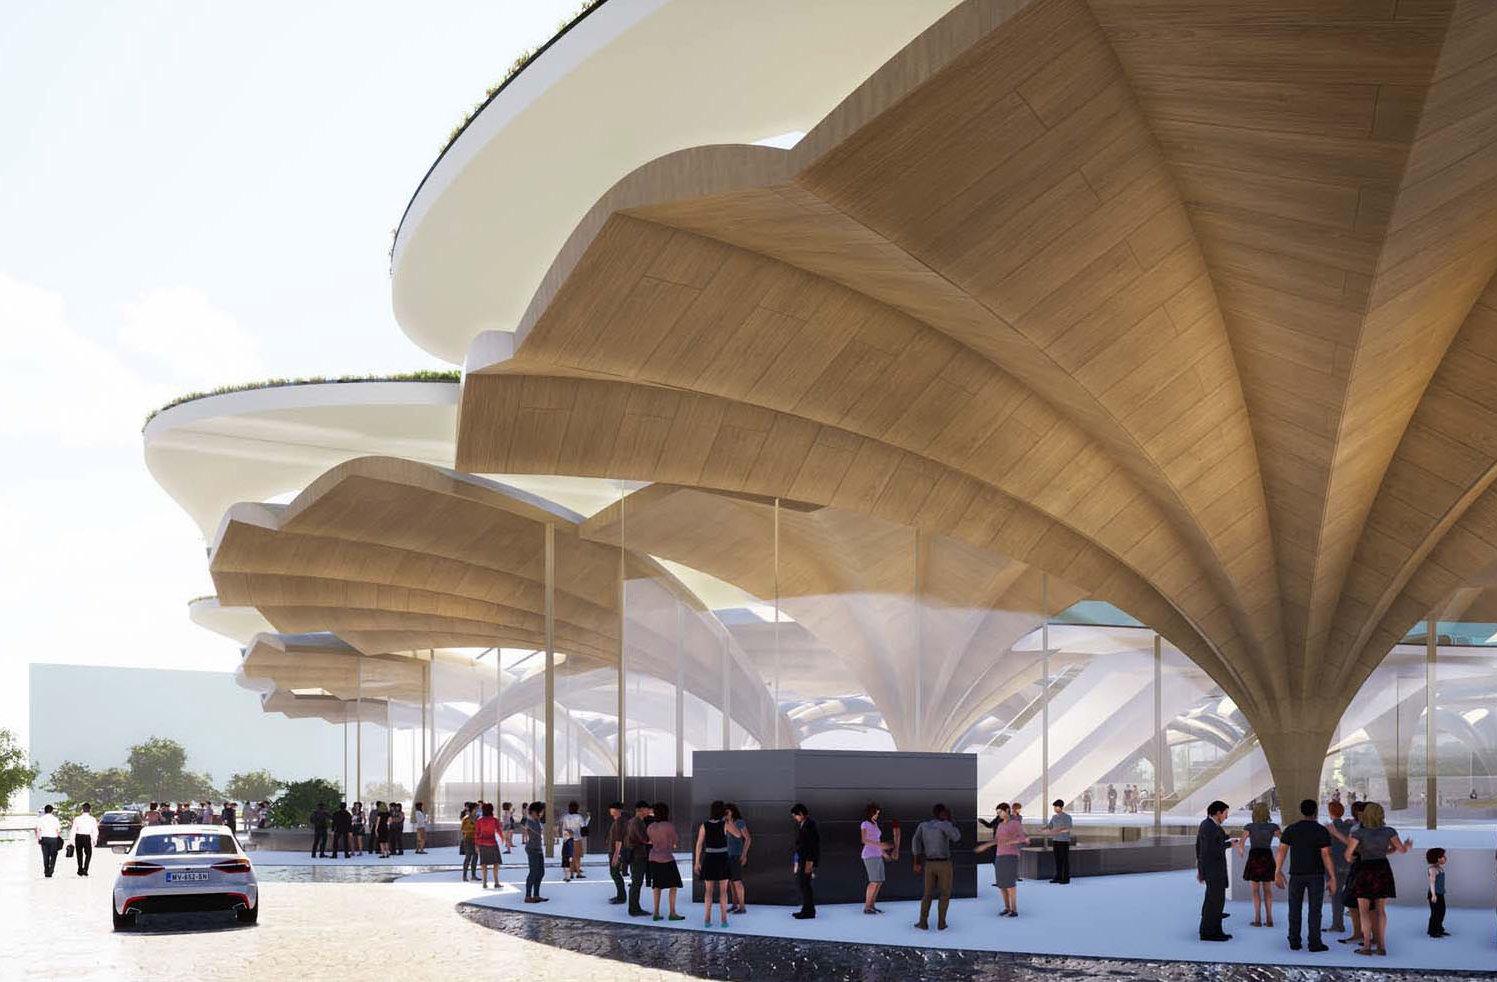 La stazione di Xi'An ispirata ai bachi da seta: ACL conquista la Mention Renolit per la sostenibilità